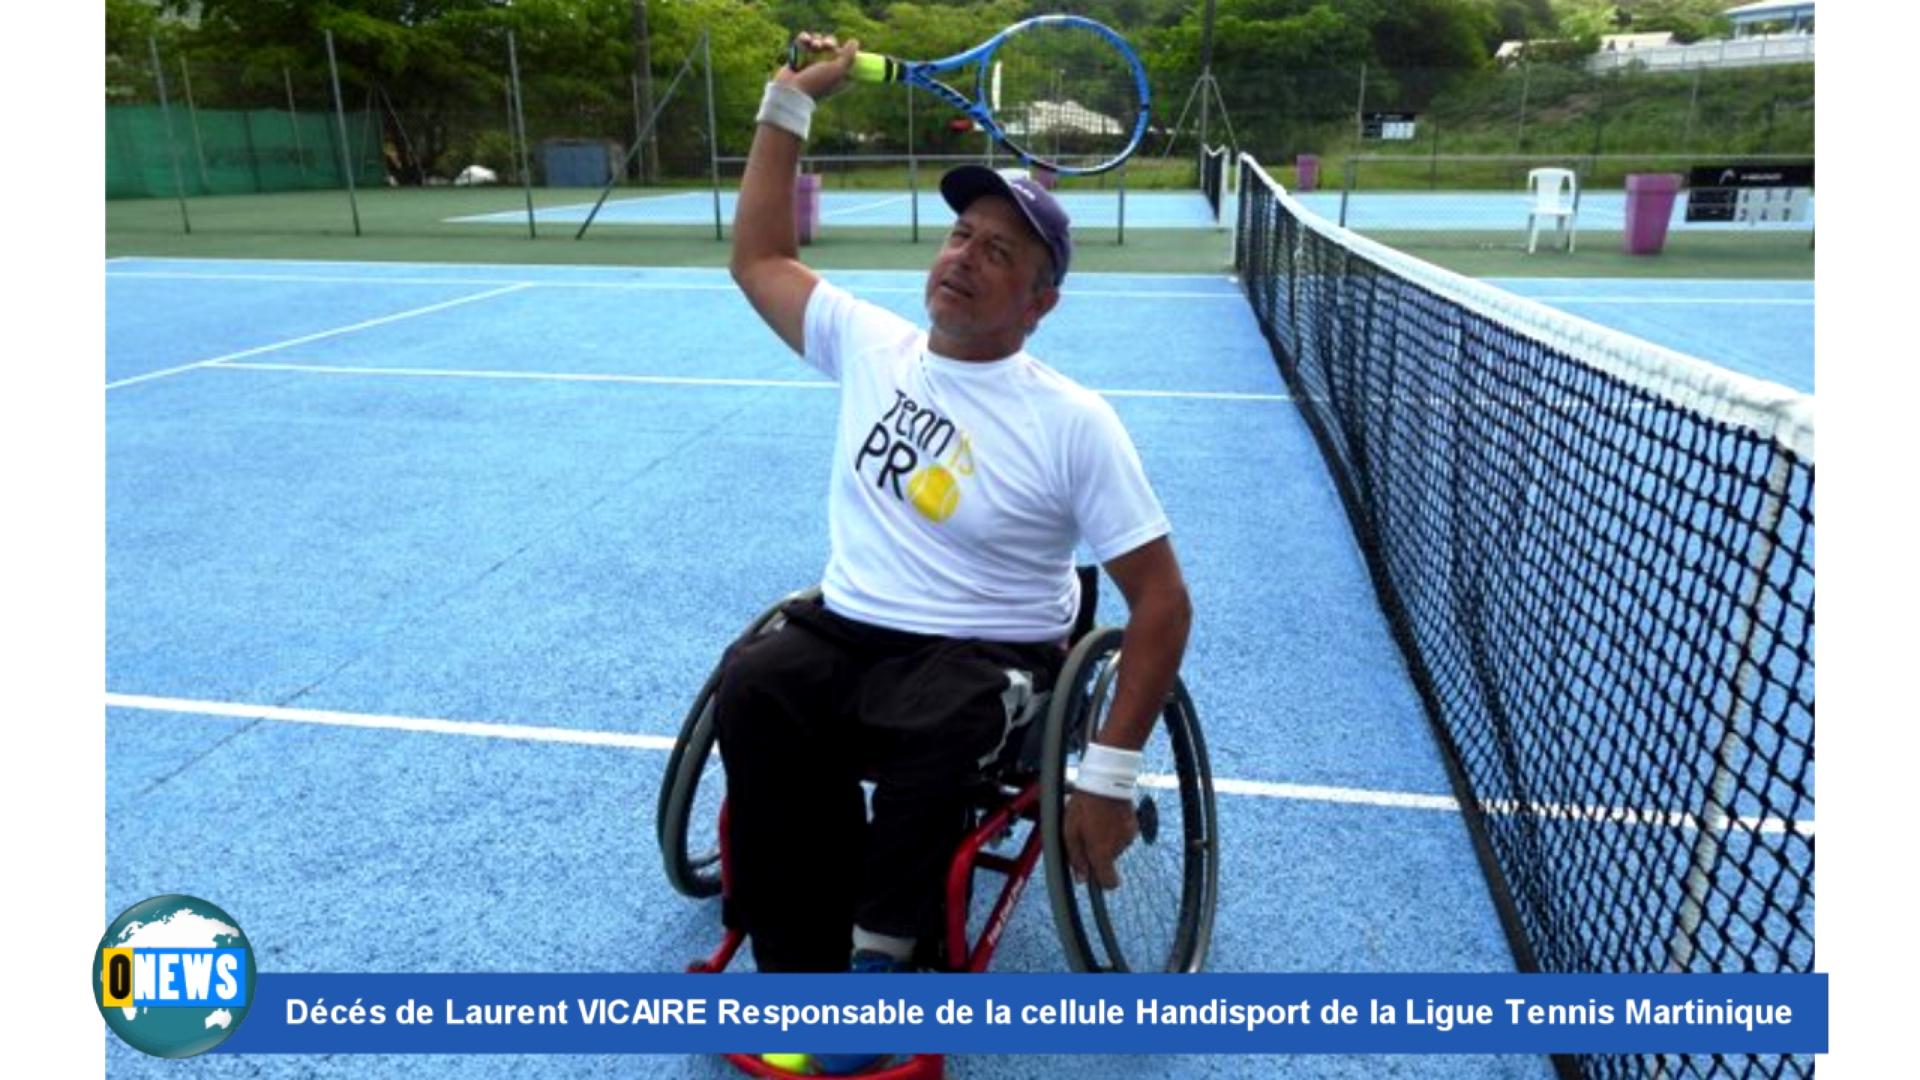 [Vidéo] Décès de Laurent VICAIRE Responsable de la cellule Handisport de la Ligue Tennis Martinique